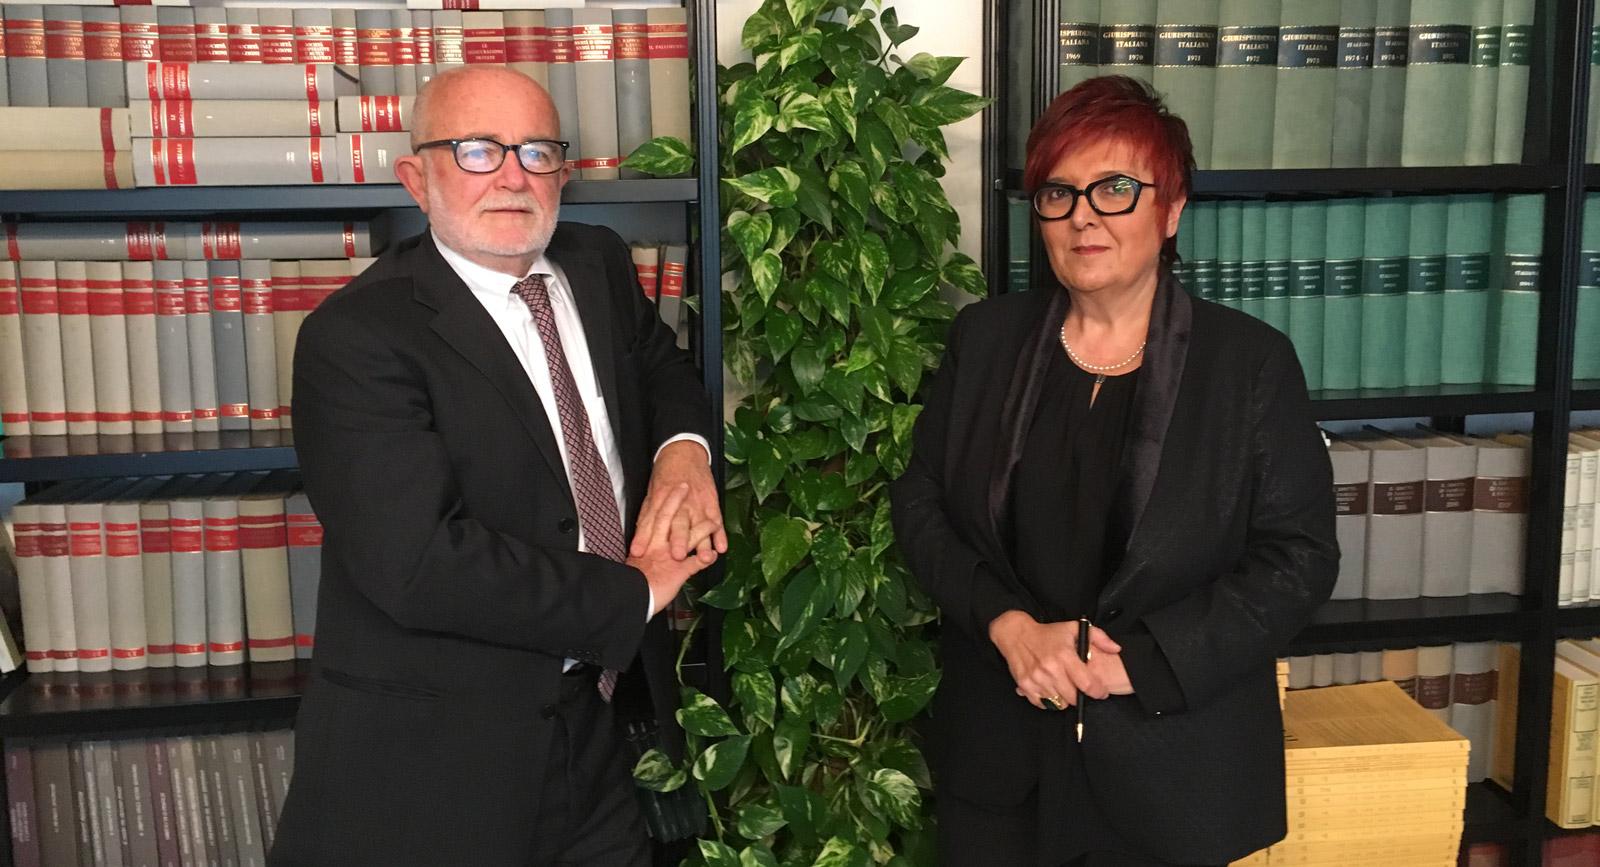 avvocato Maurizio Pavirani e avvocato Antonella Montanari soci titolari dello studio Pavirani & Associati